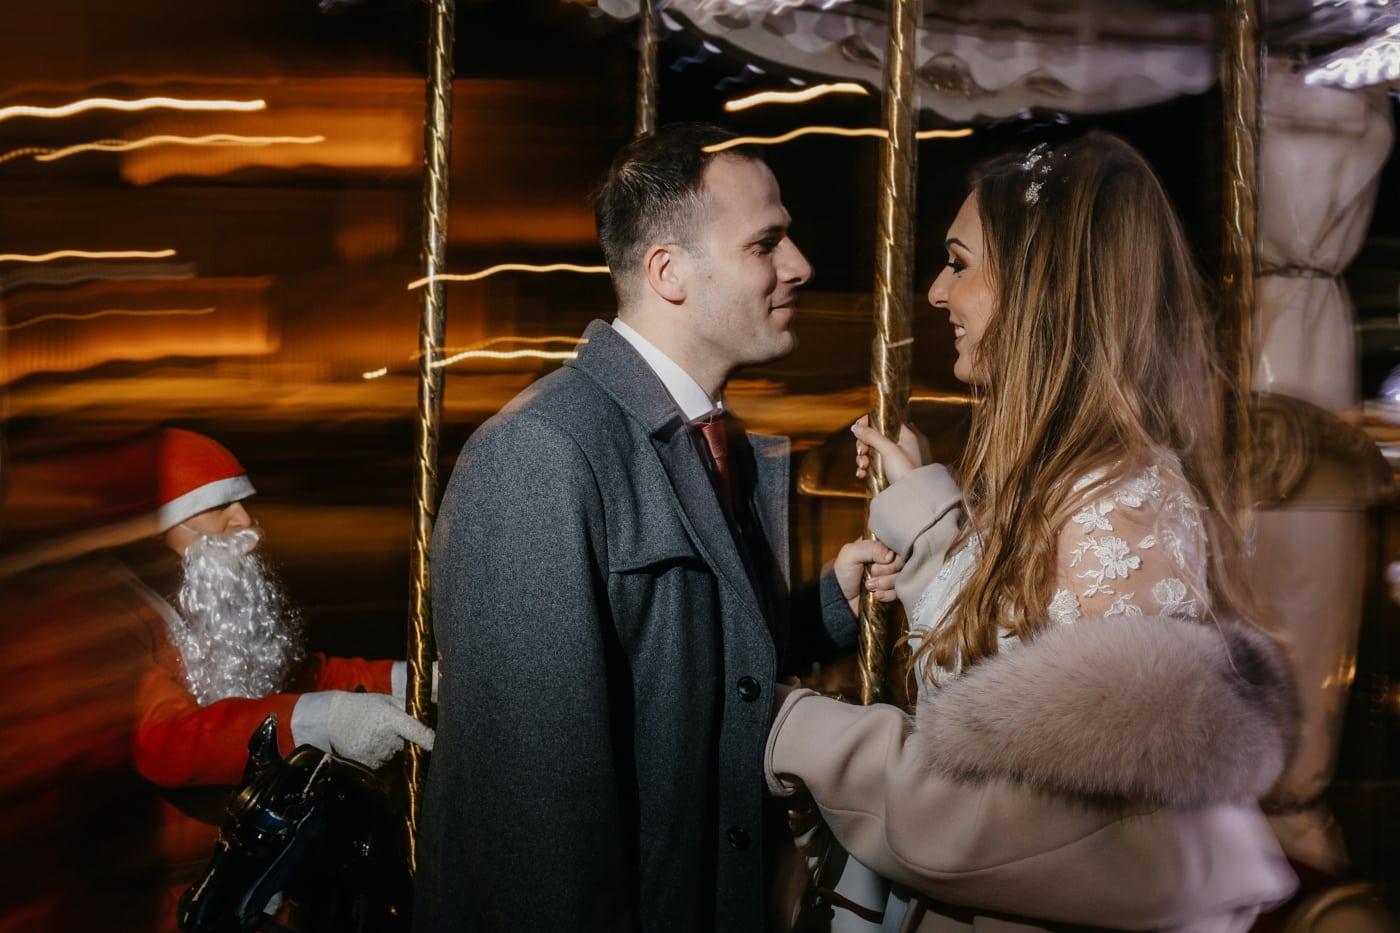 ngày yêu, năm mới, Giáng sinh, bạn gái, bạn trai, Carousel, người, người phụ nữ, người đàn ông, chân dung